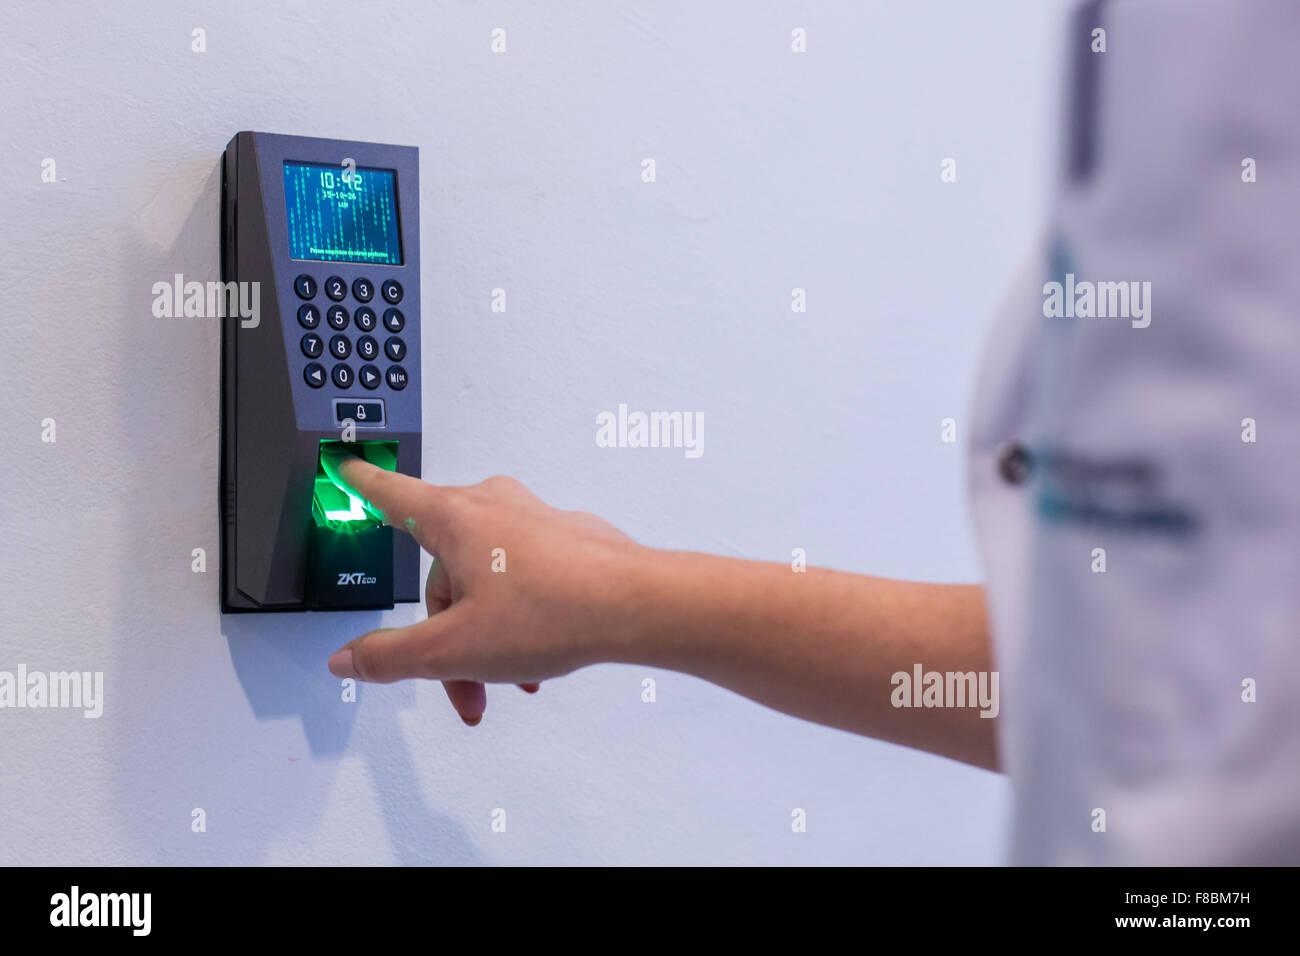 Infirmière au doigt numérisé par un scanner d'empreintes digitales. Photo Stock